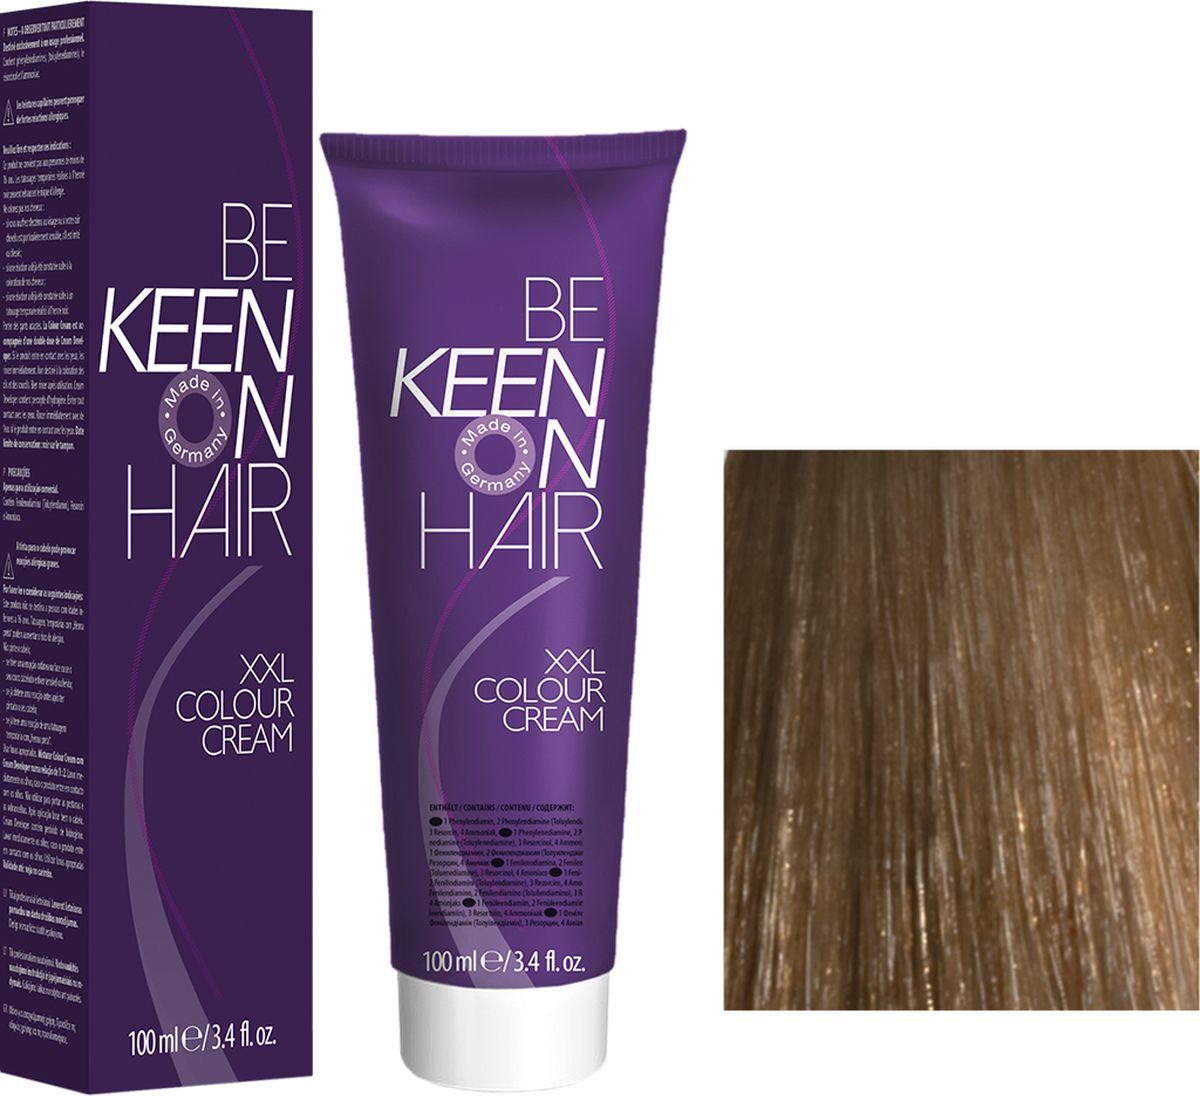 Keen Краска для волос 8.00+ Интенсивный блондин Blond +, 100 мл69100071Модные оттенкиБолее 100 оттенков для креативной комбинации цветов.ЭкономичностьПри использовании тюбика 100 мл вы получаете оптимальное соотношение цены и качества!УходМолочный белок поддерживает структуру волоса во время окрашивания и придает волосам блеск и шелковистость. Протеины хорошо встраиваются в волосы и снабжают их влагой.